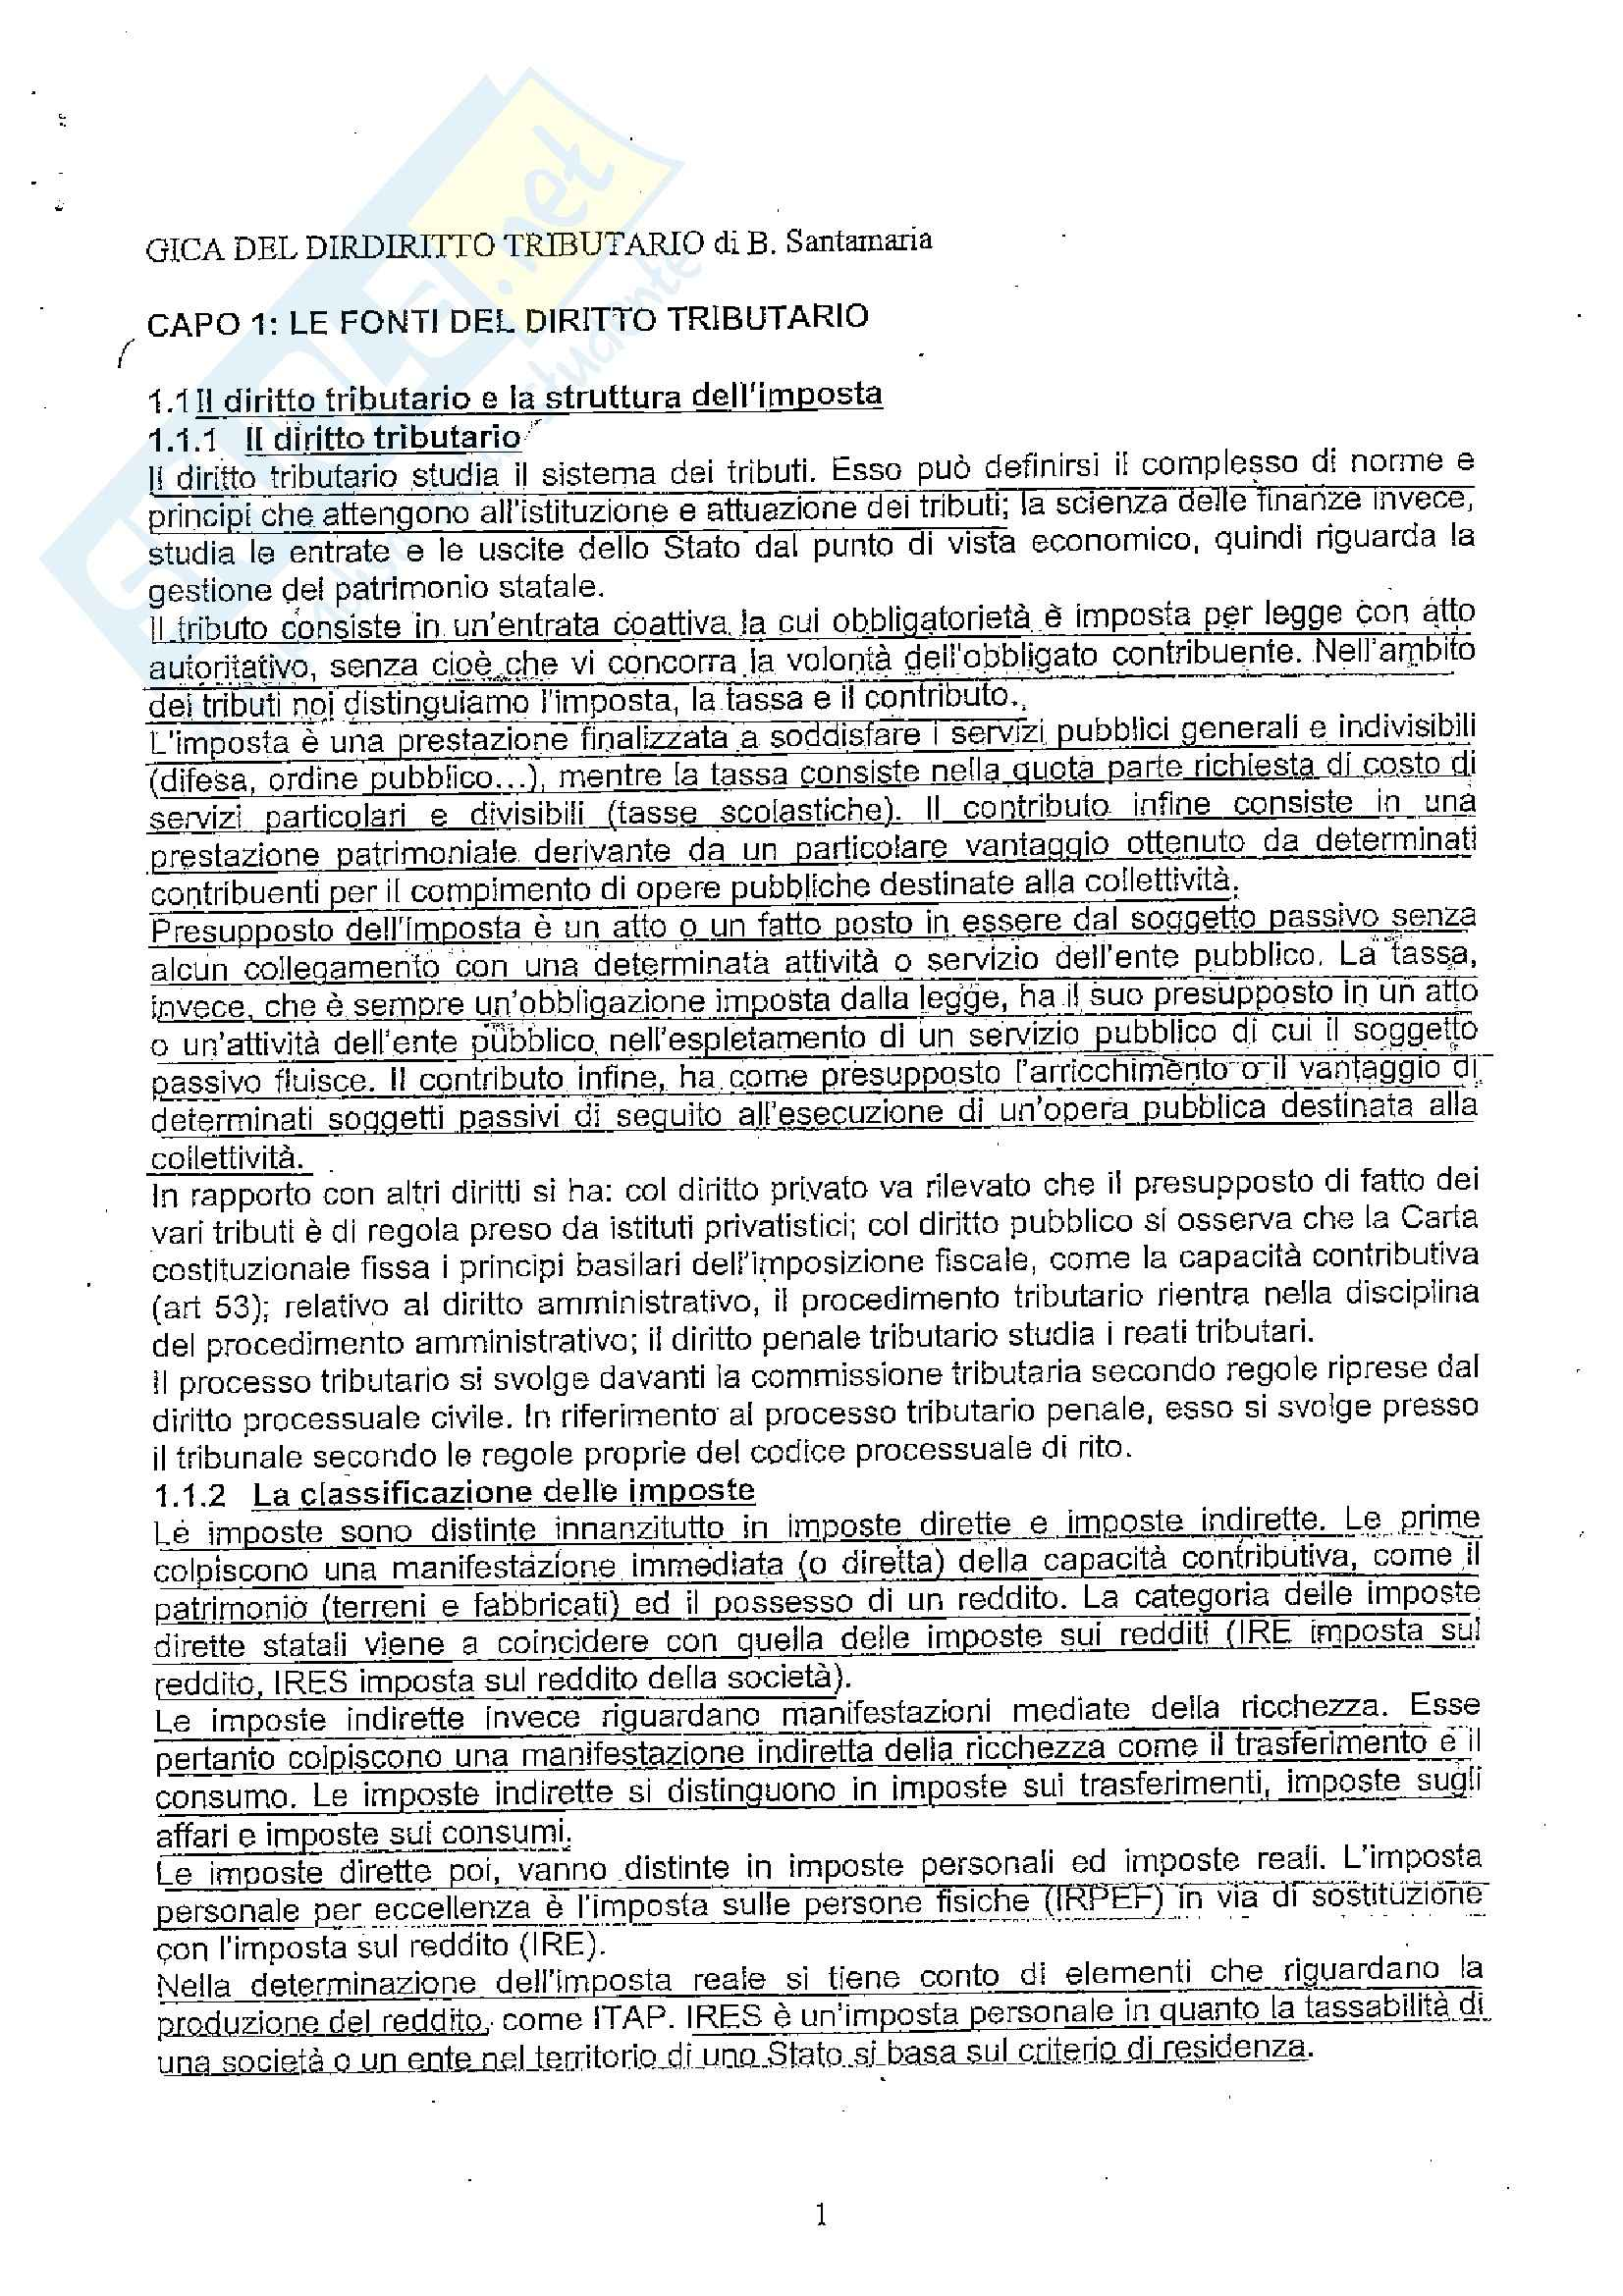 appunto B. Santamaria Diritto Tributario